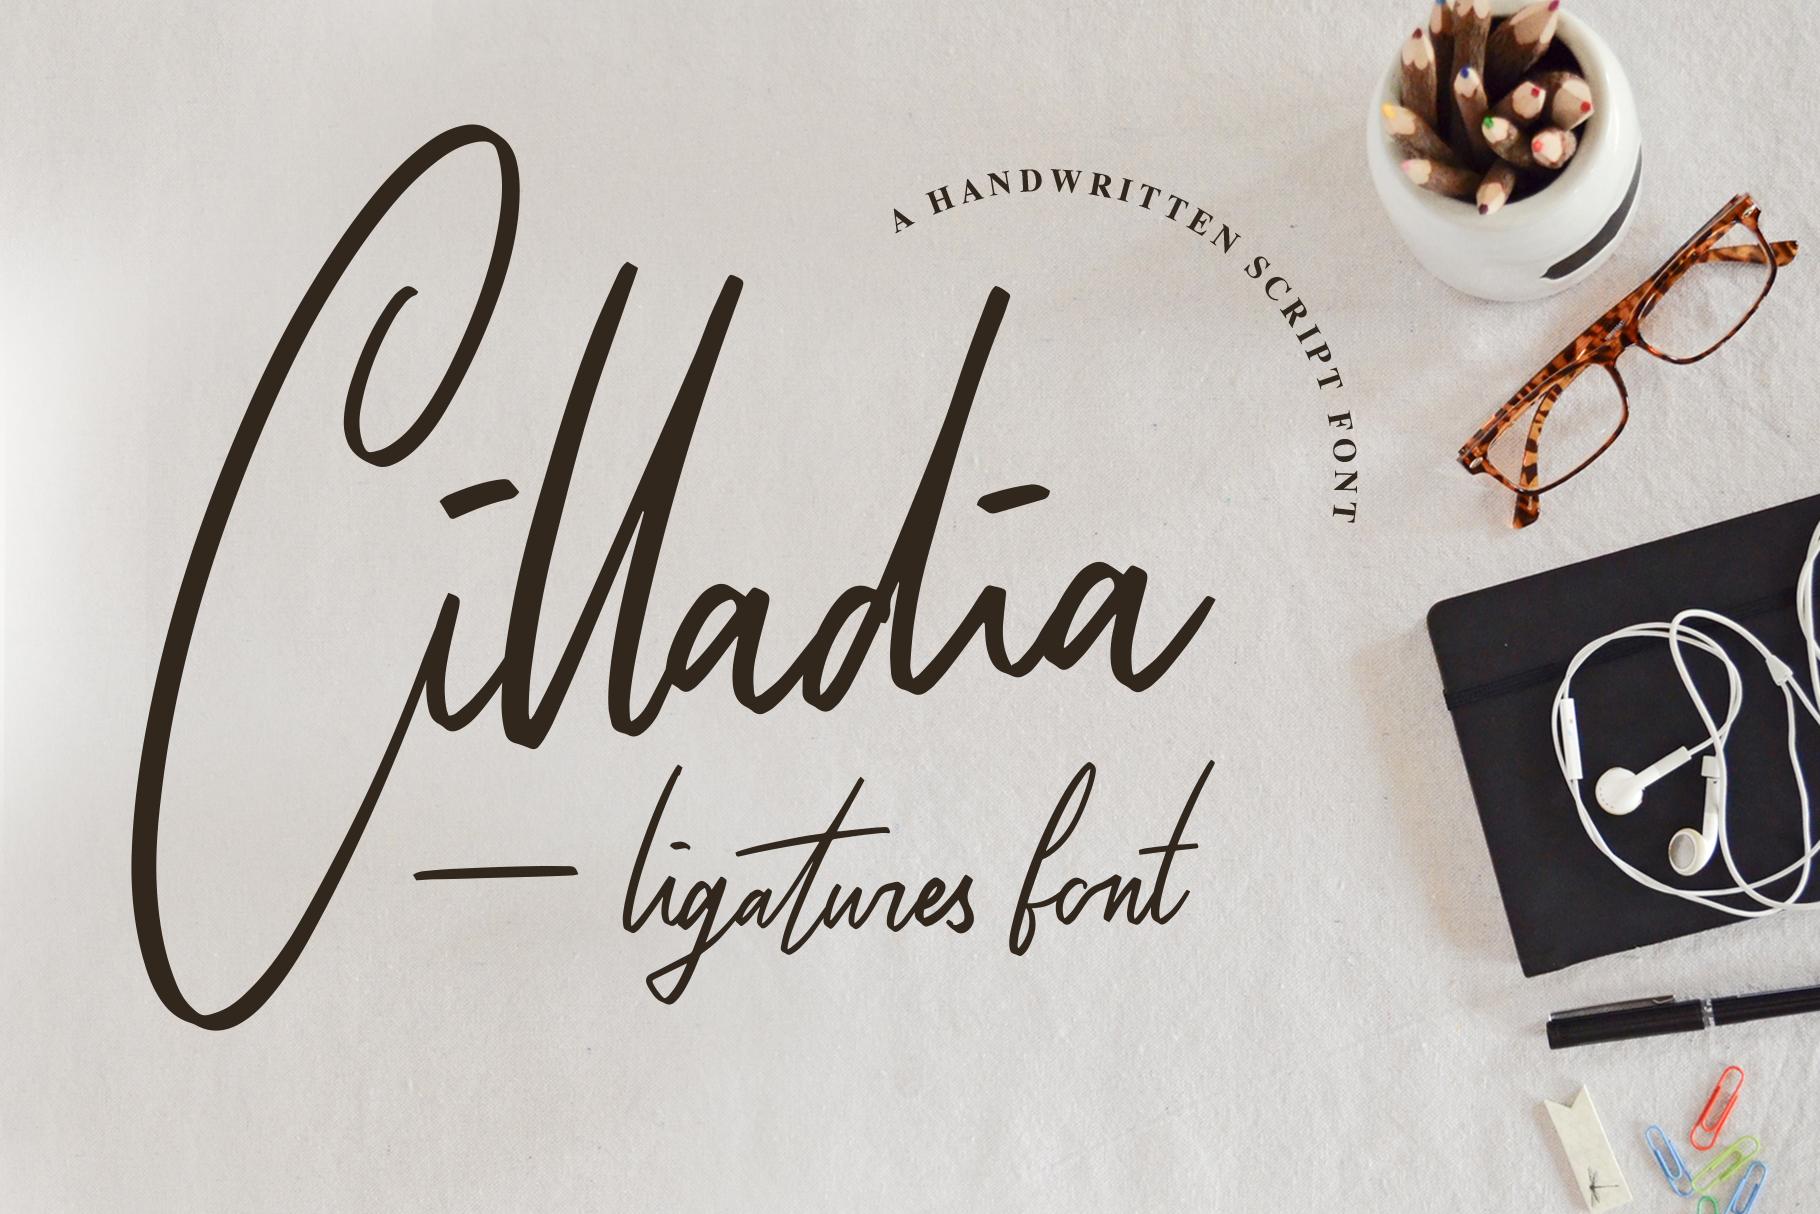 Cilladia - Ligatures Font example image 1